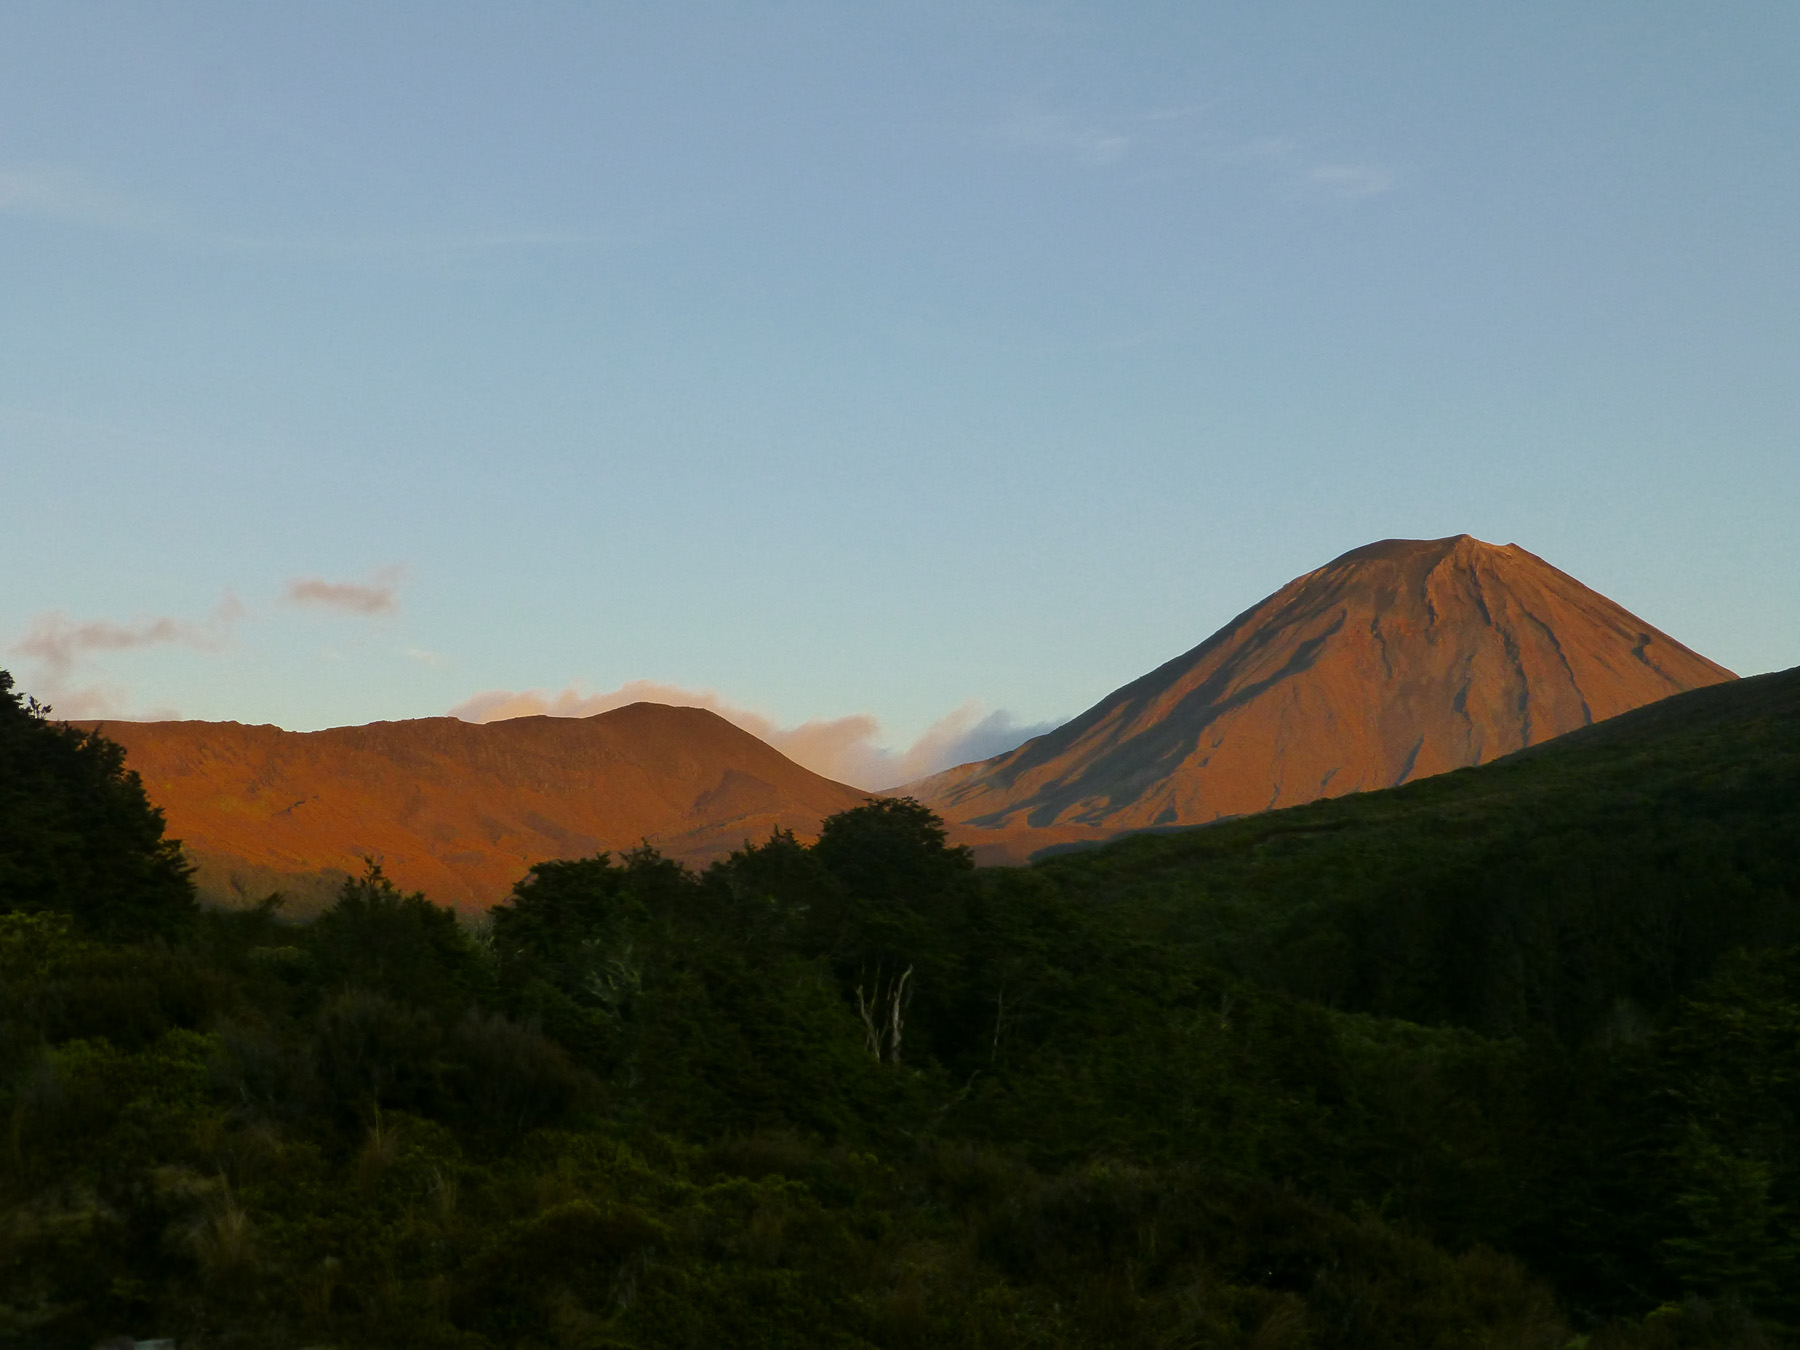 Sunrise on Mt. Ngauruhoe